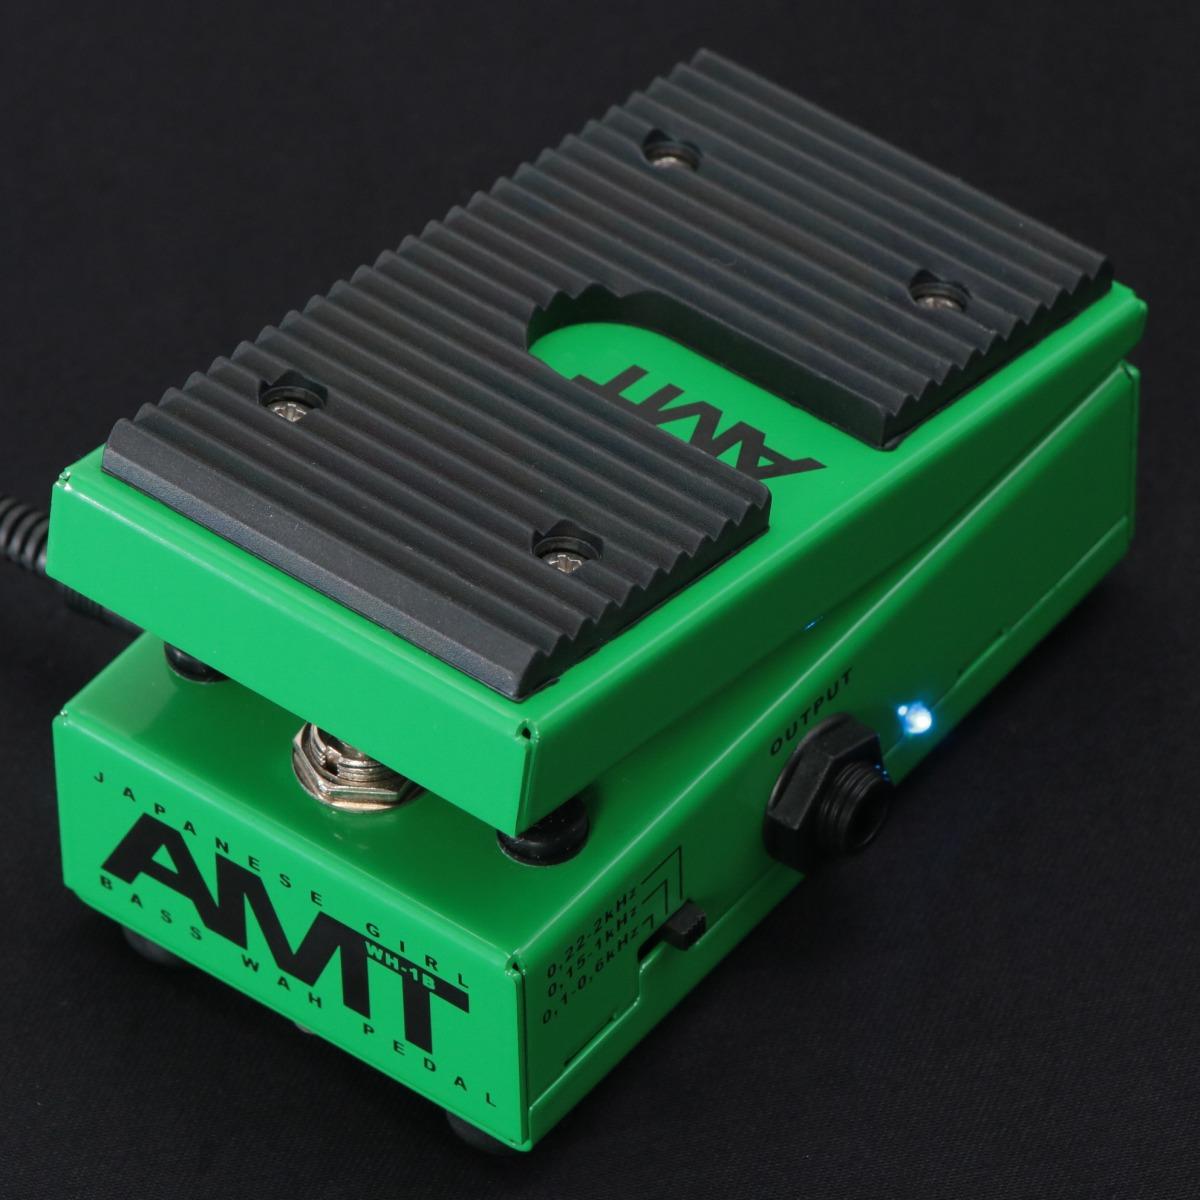 AMT / WH-1 Optical Bass Wah-Wah Pedal エーエムティーエレクトロニクス 【店頭展示アウトレット特価品】【御茶ノ水本店】